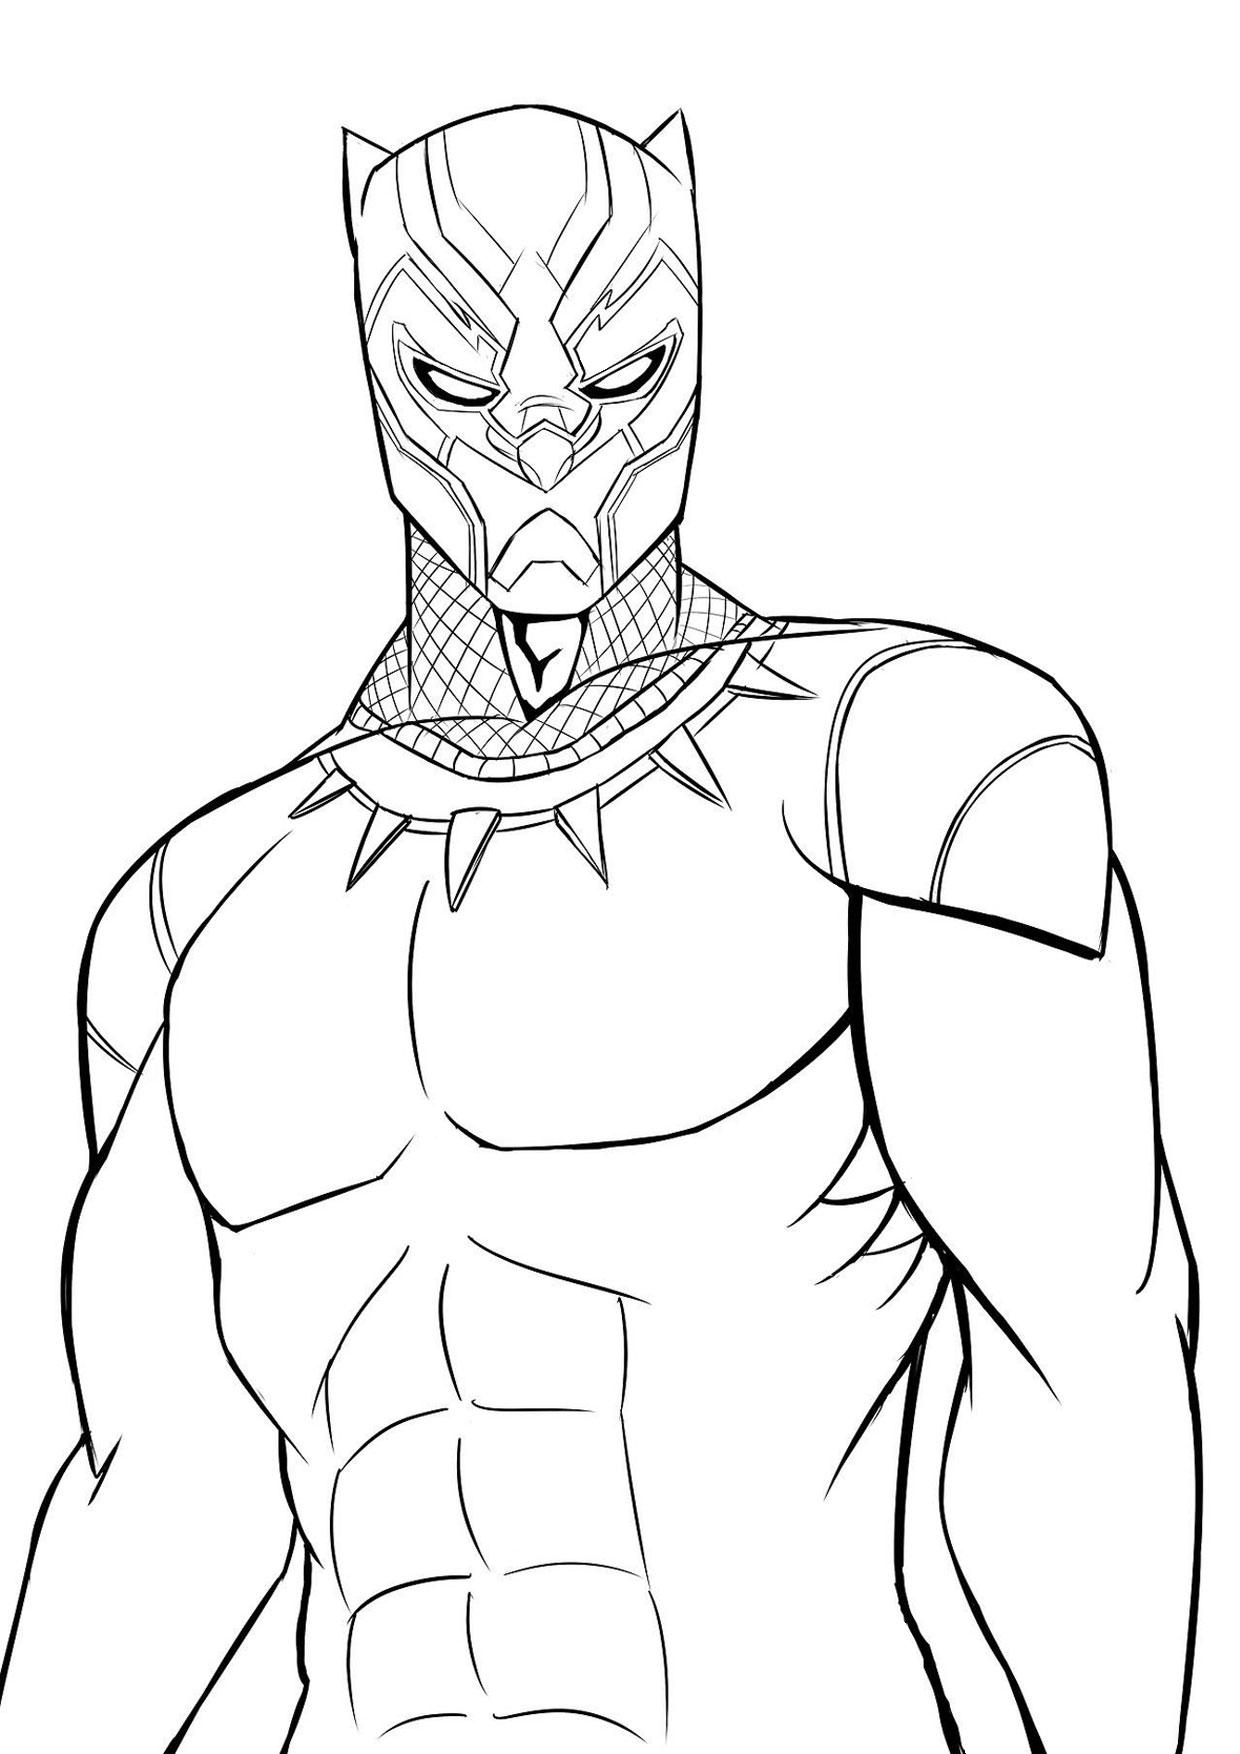 Disegno di Black Panther 02